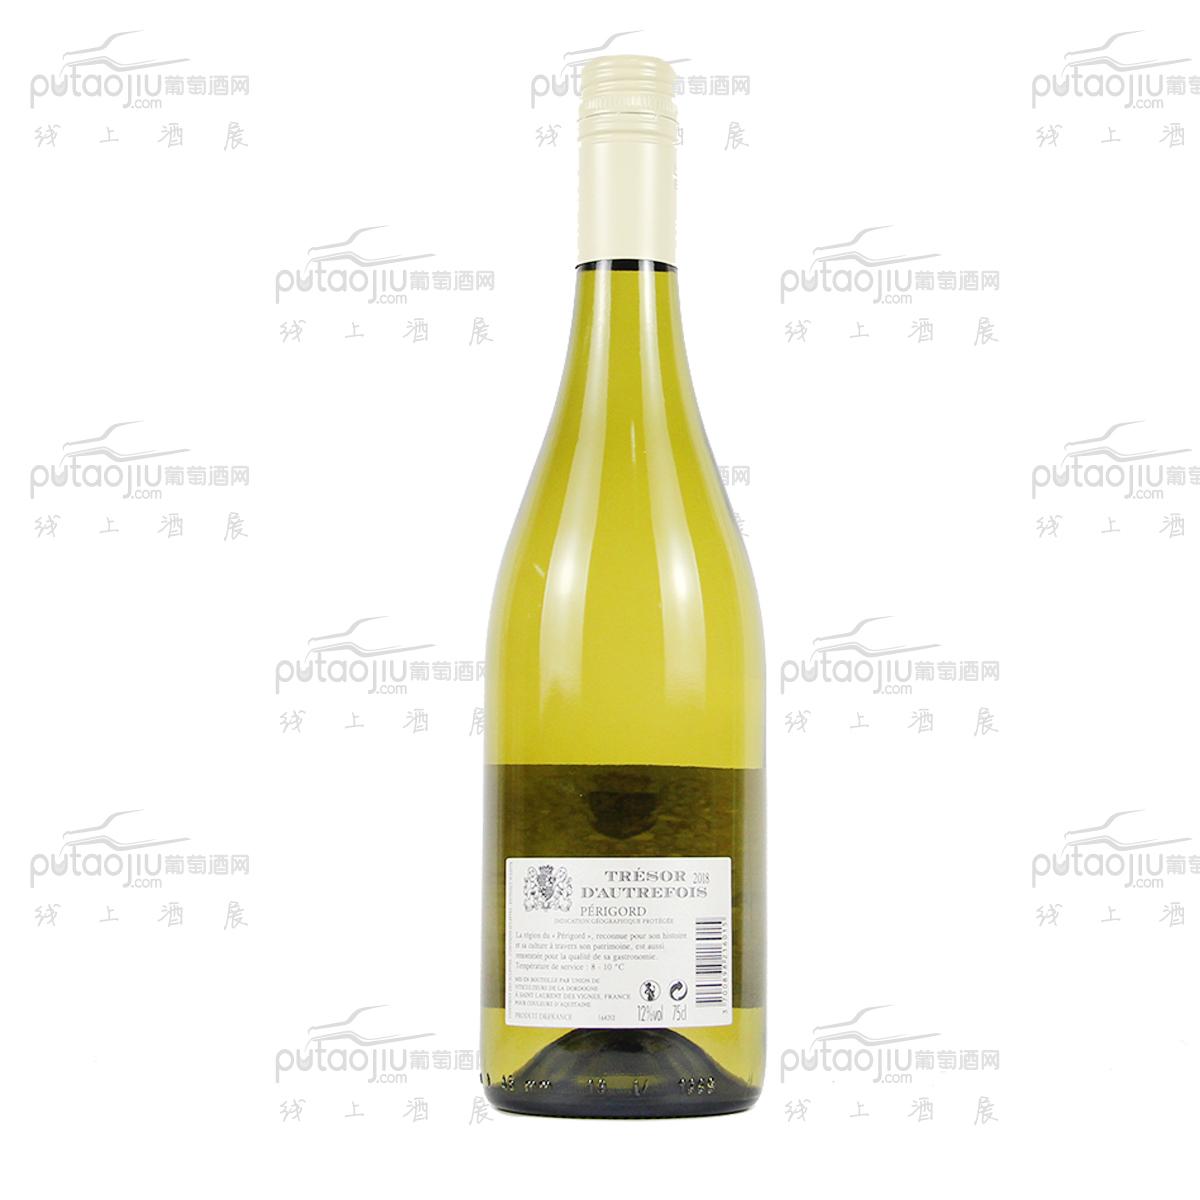 法国阿基坦大区彩色阿基坦大酒窖金色年华长相思IGP级别干白葡萄酒